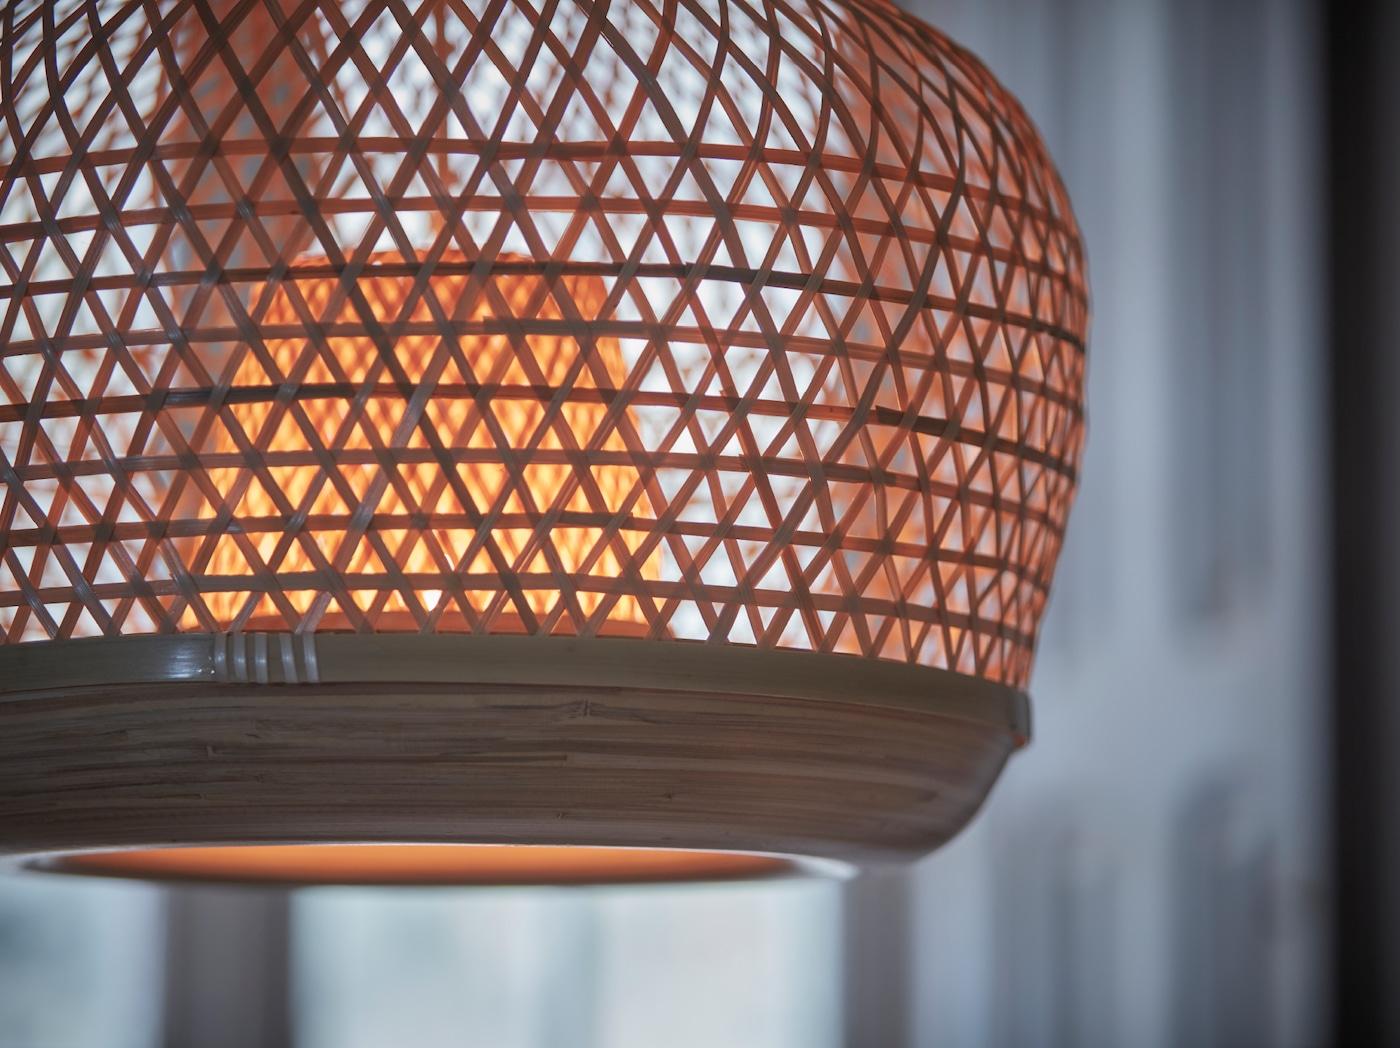 Detalle de una lámpara de techo MISTERHULT encendida que está hecha a mano en bambú ligero y natural.